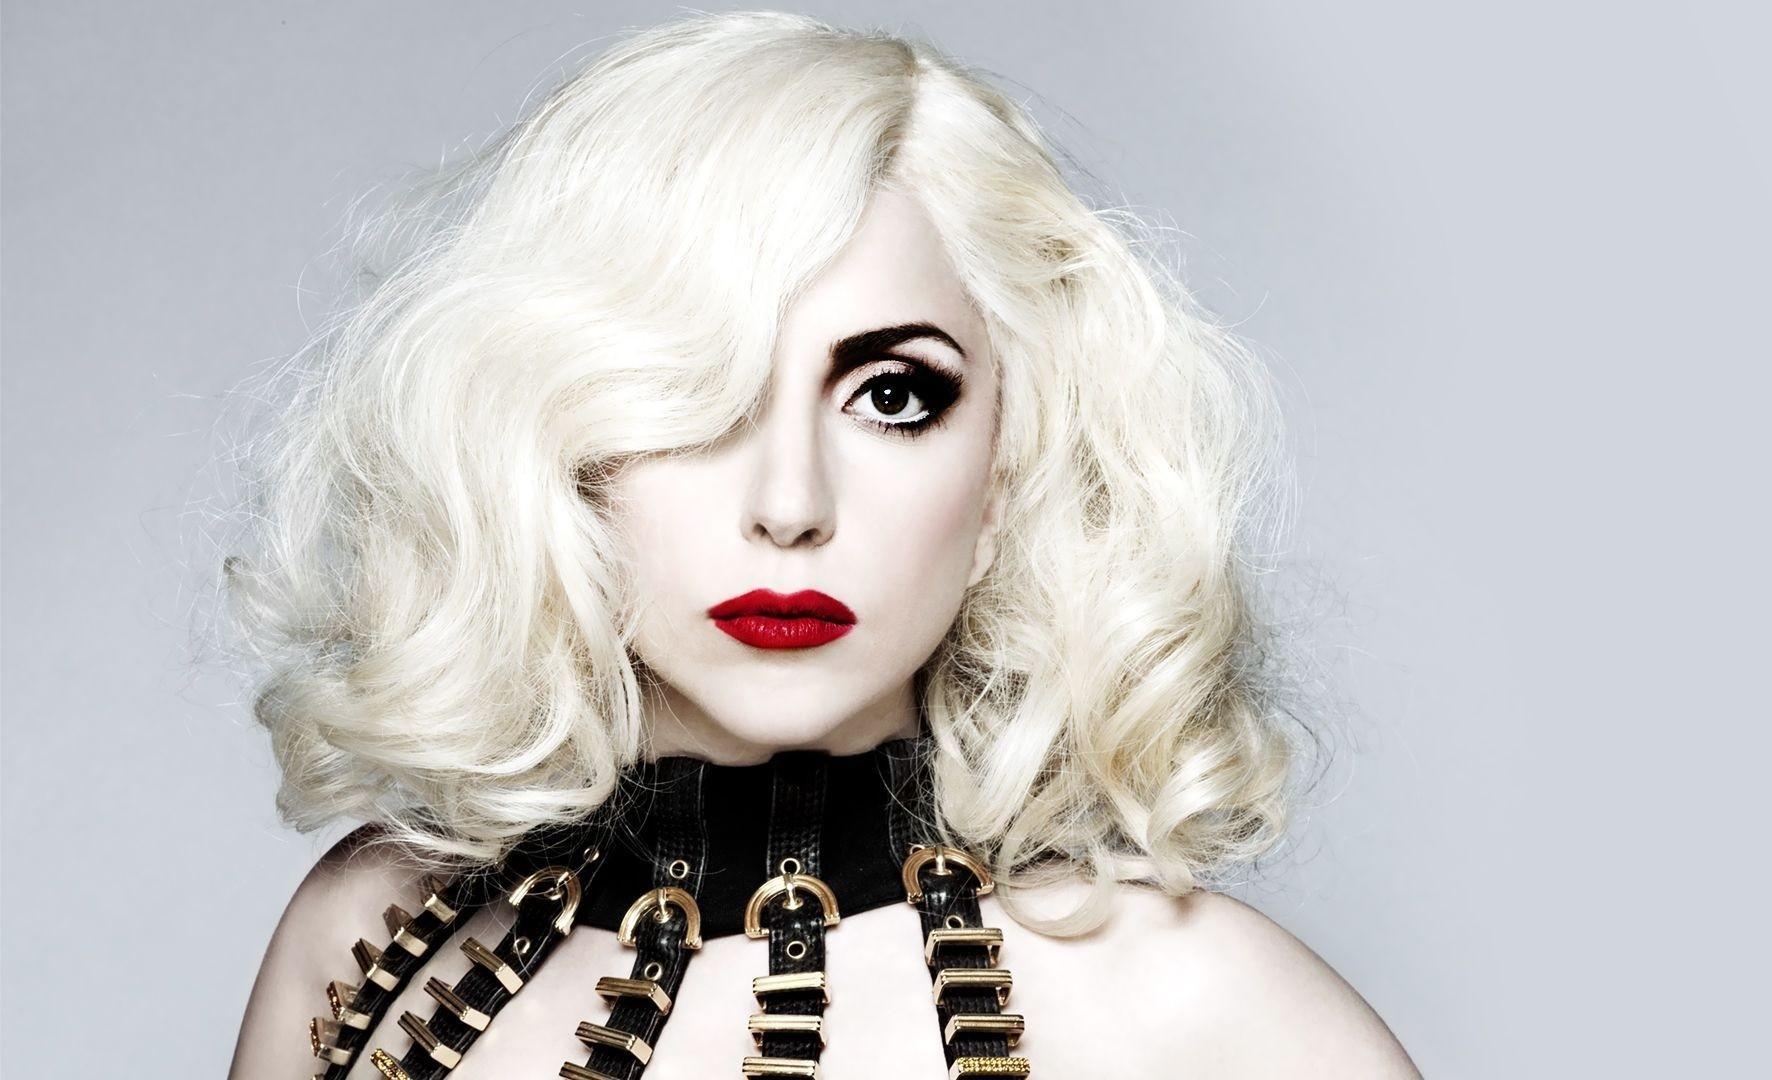 Леди Гага иронично «подтвердила» новость о своей беременности